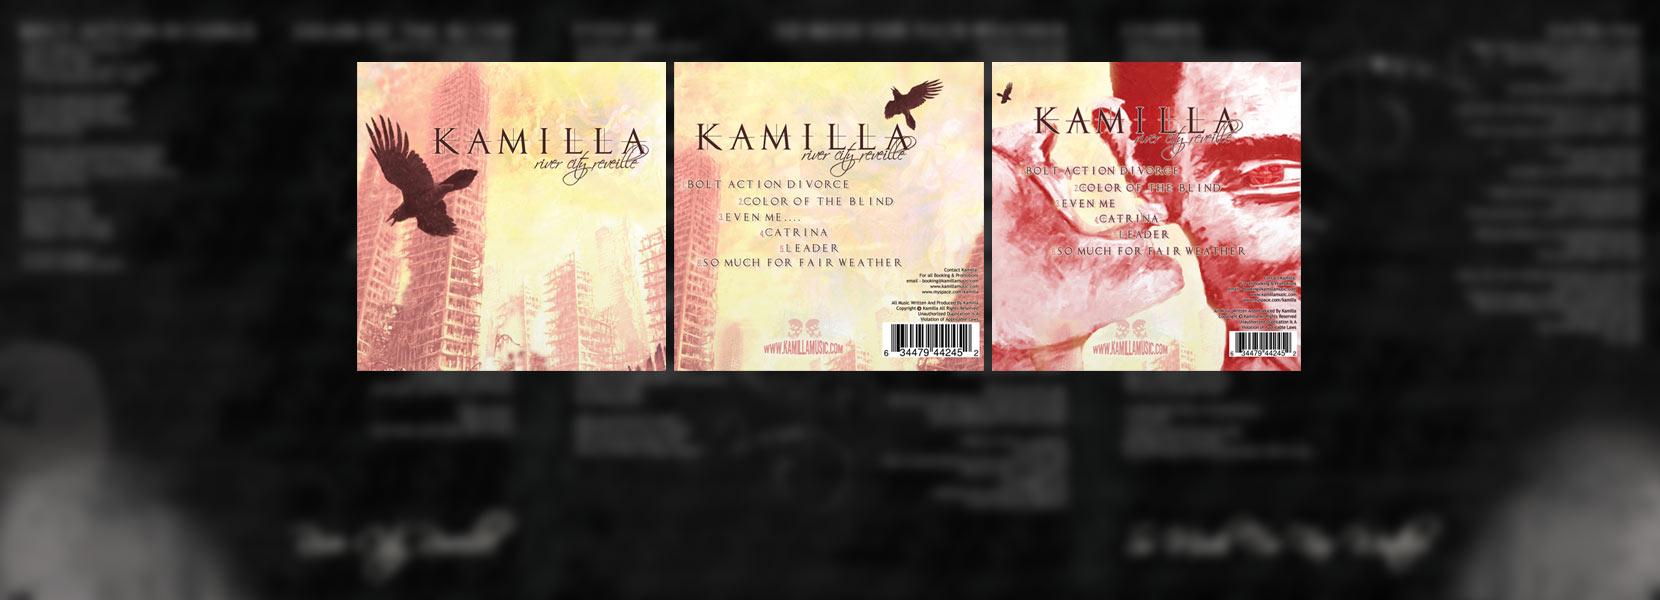 http://kamillamusic.com/wp-content/uploads/2014/11/River-City-Reveille-Outside.jpg